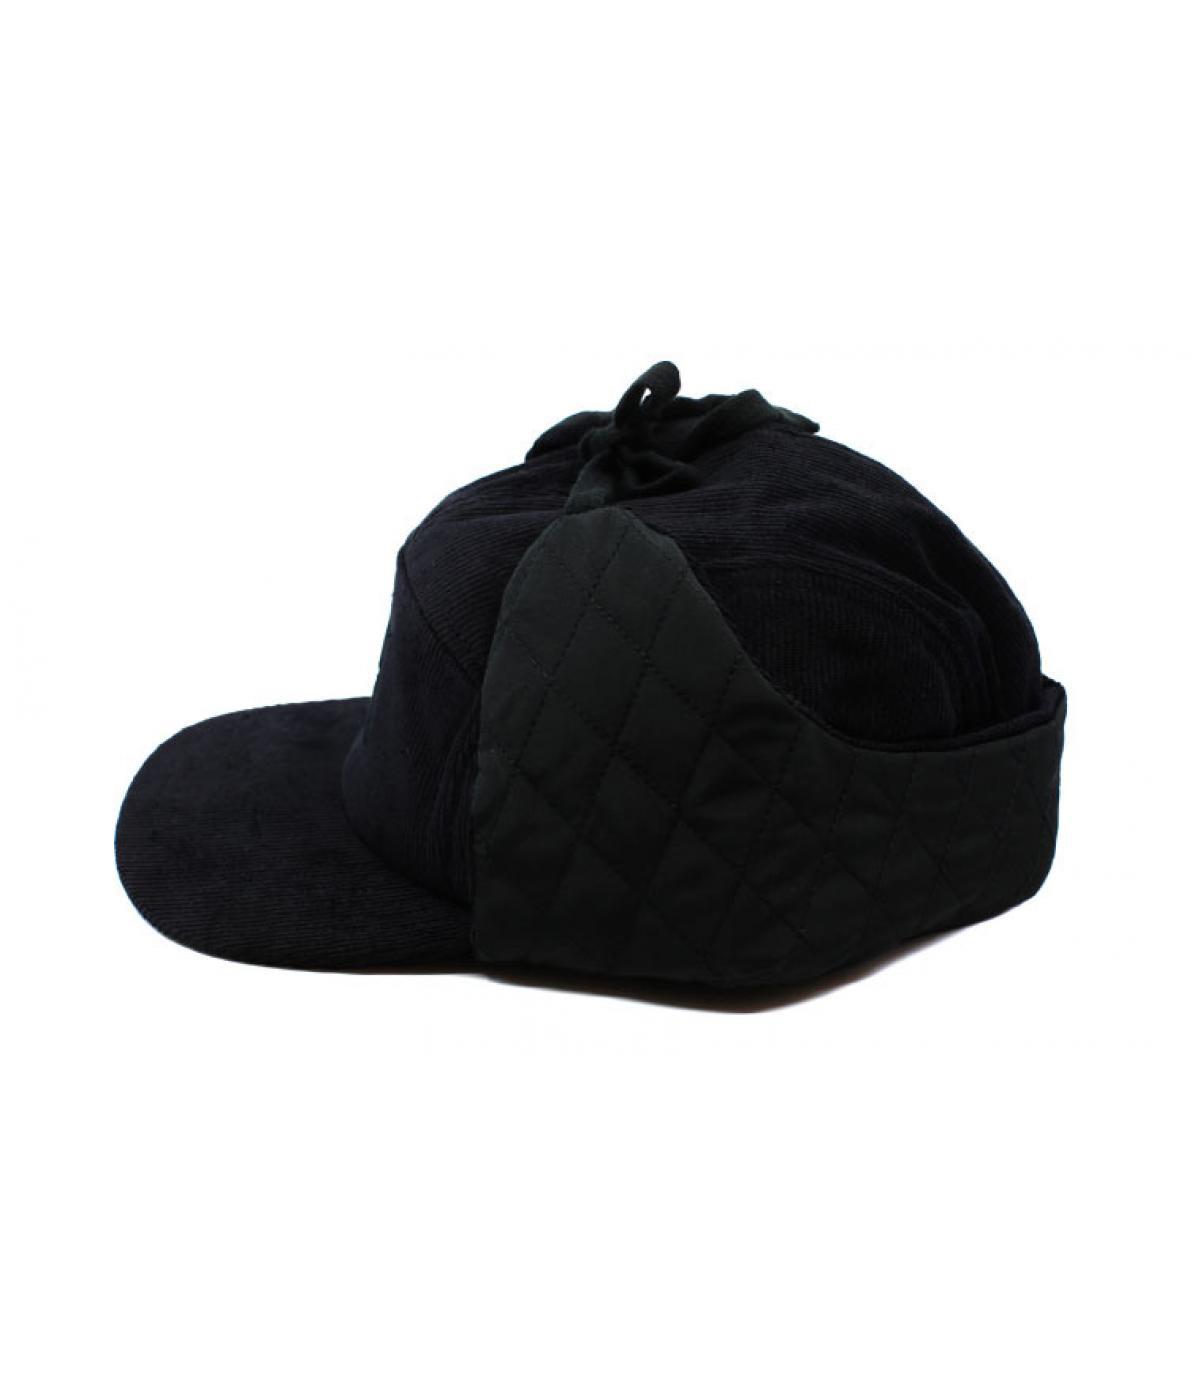 Détails Holden Dog Ear Volley black - image 4